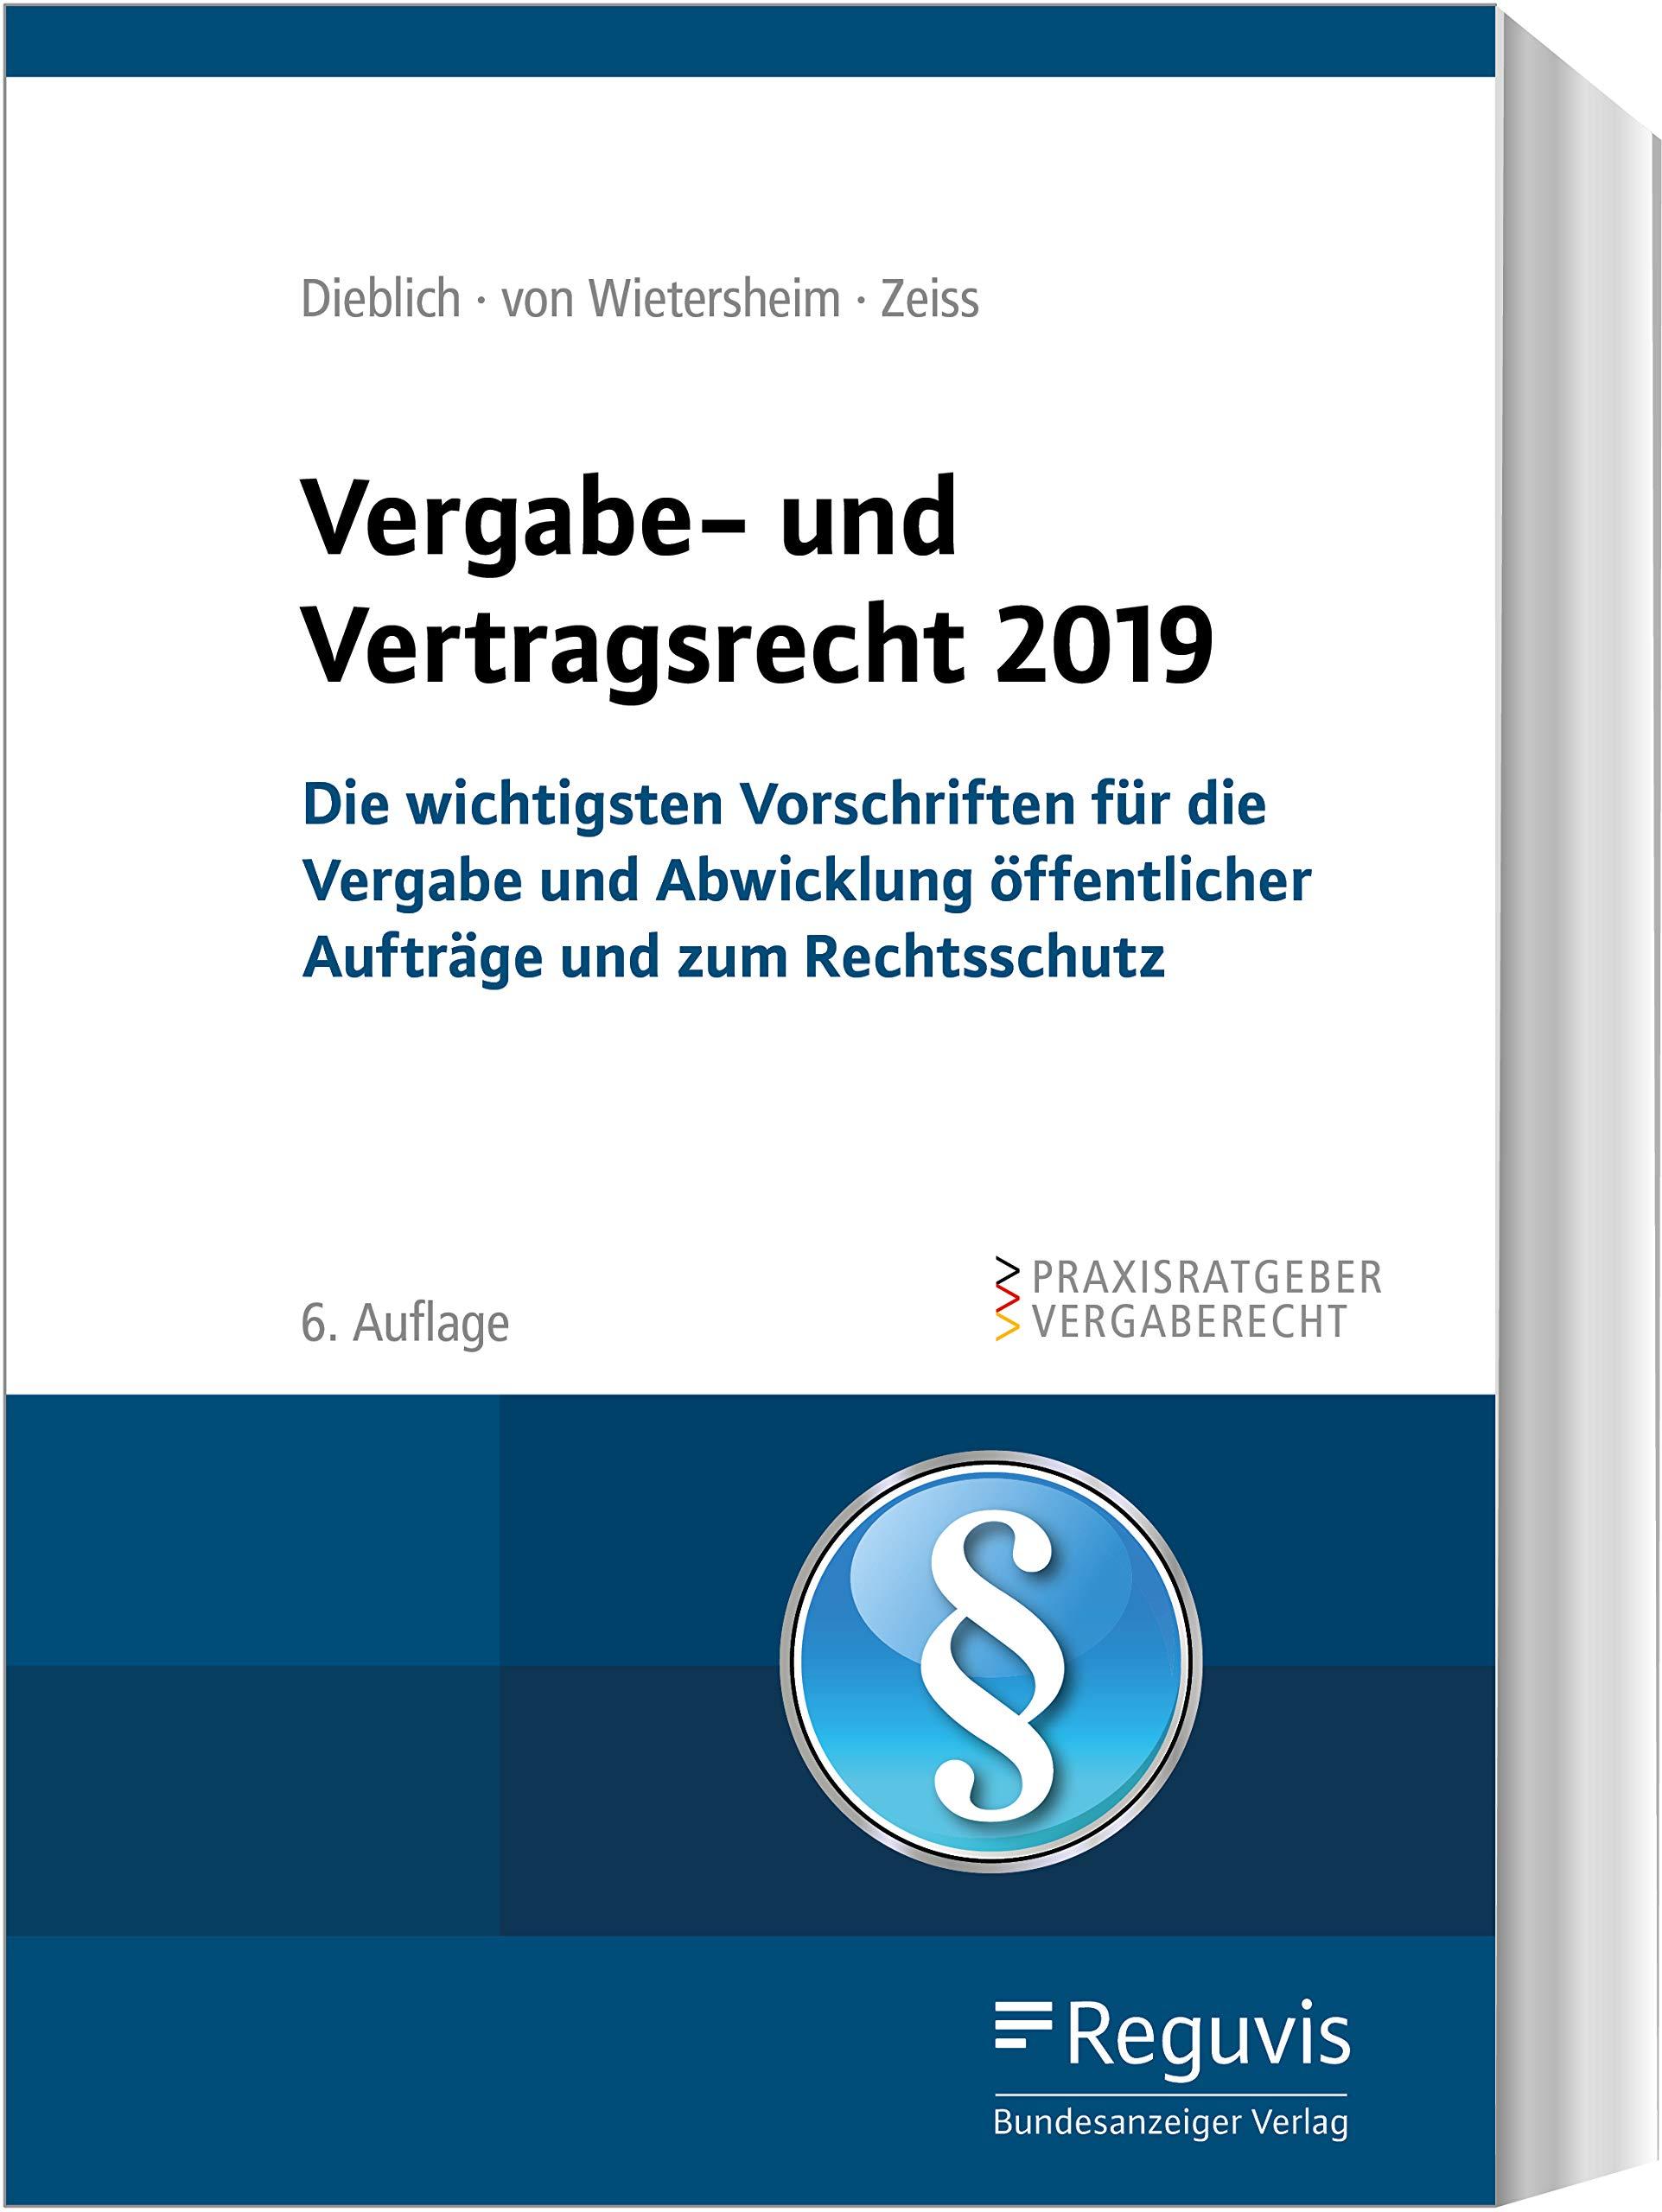 Vergabe  Und Vertragsrecht 2019  Die Wichtigsten Vorschriften Für Die Vergabe Und Abwicklung öffentlicher Aufträge Und Zum Rechtsschutz